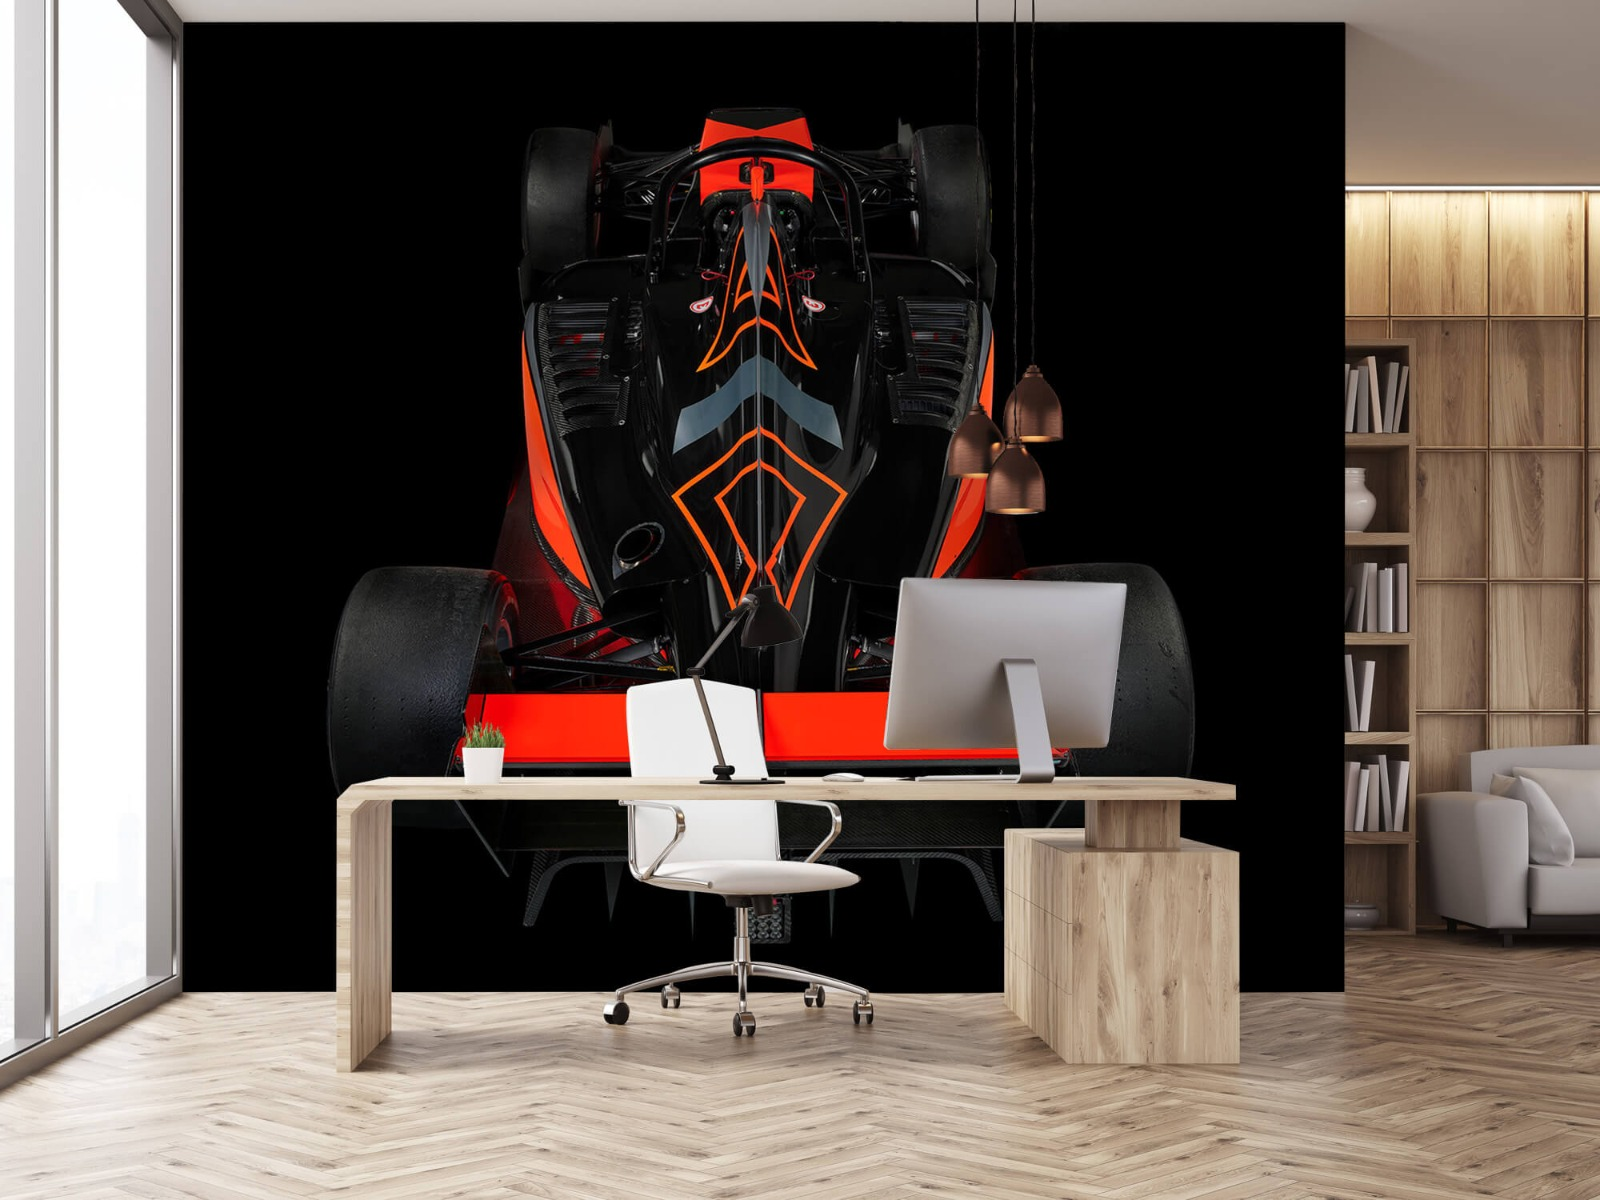 Sportauto's - Formule 3 - Rear view - dark - Tienerkamer 24